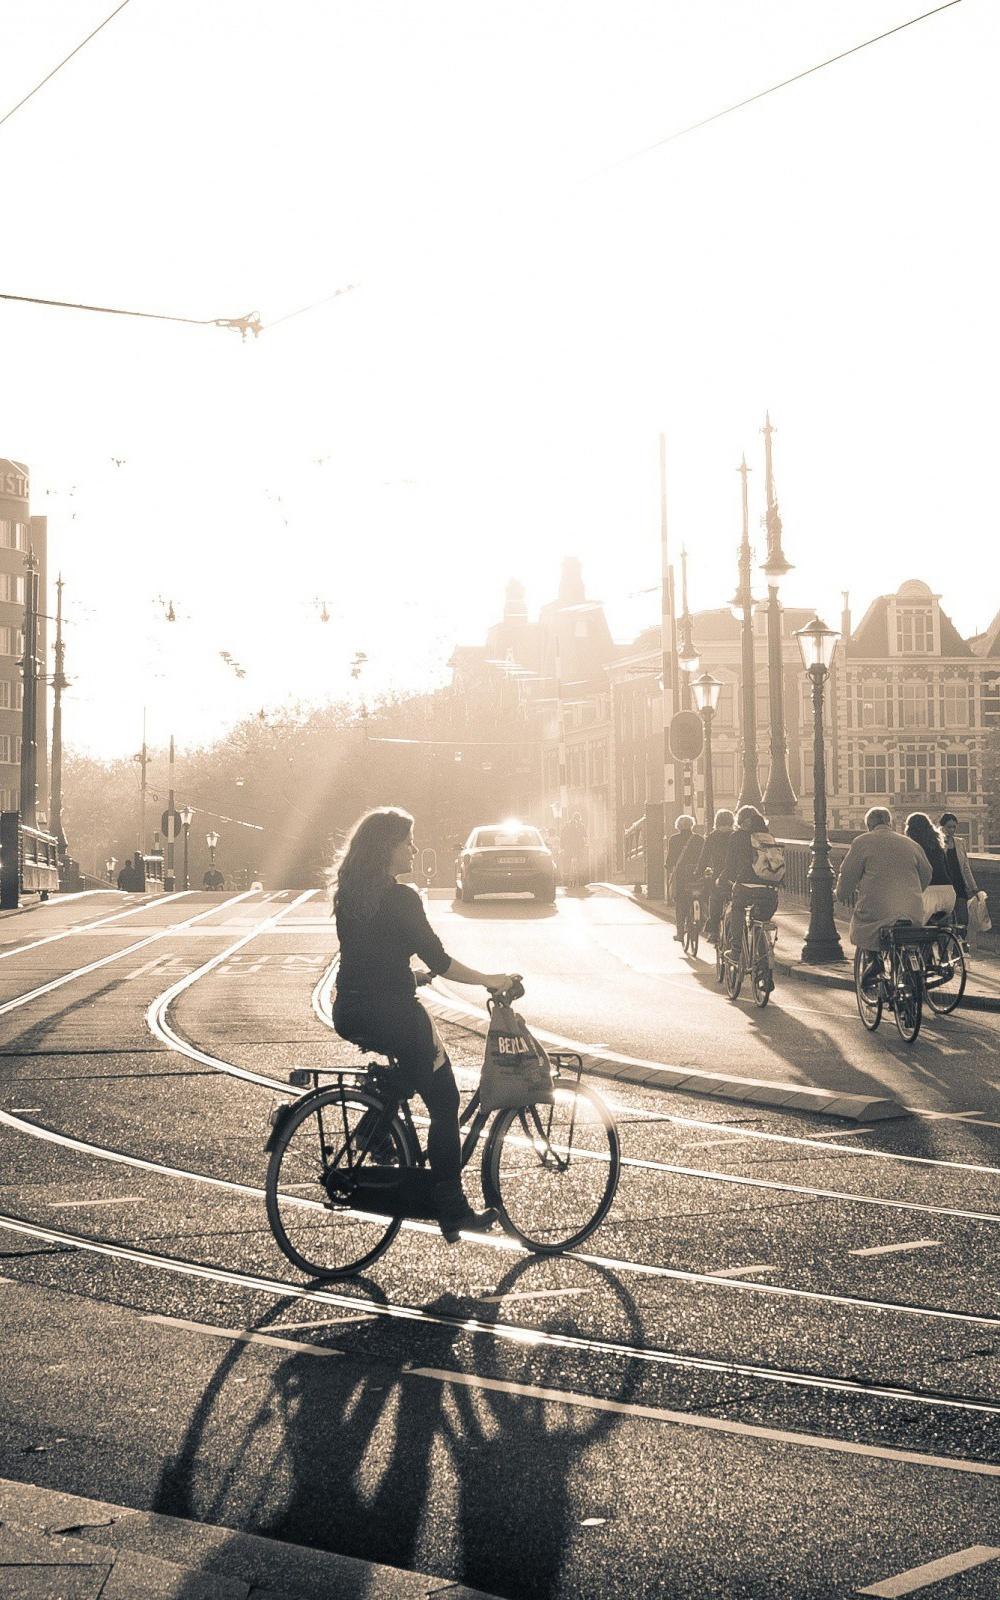 市内の自転車の女の子iphone 7 Android壁紙女の子 Iphoneチーズ